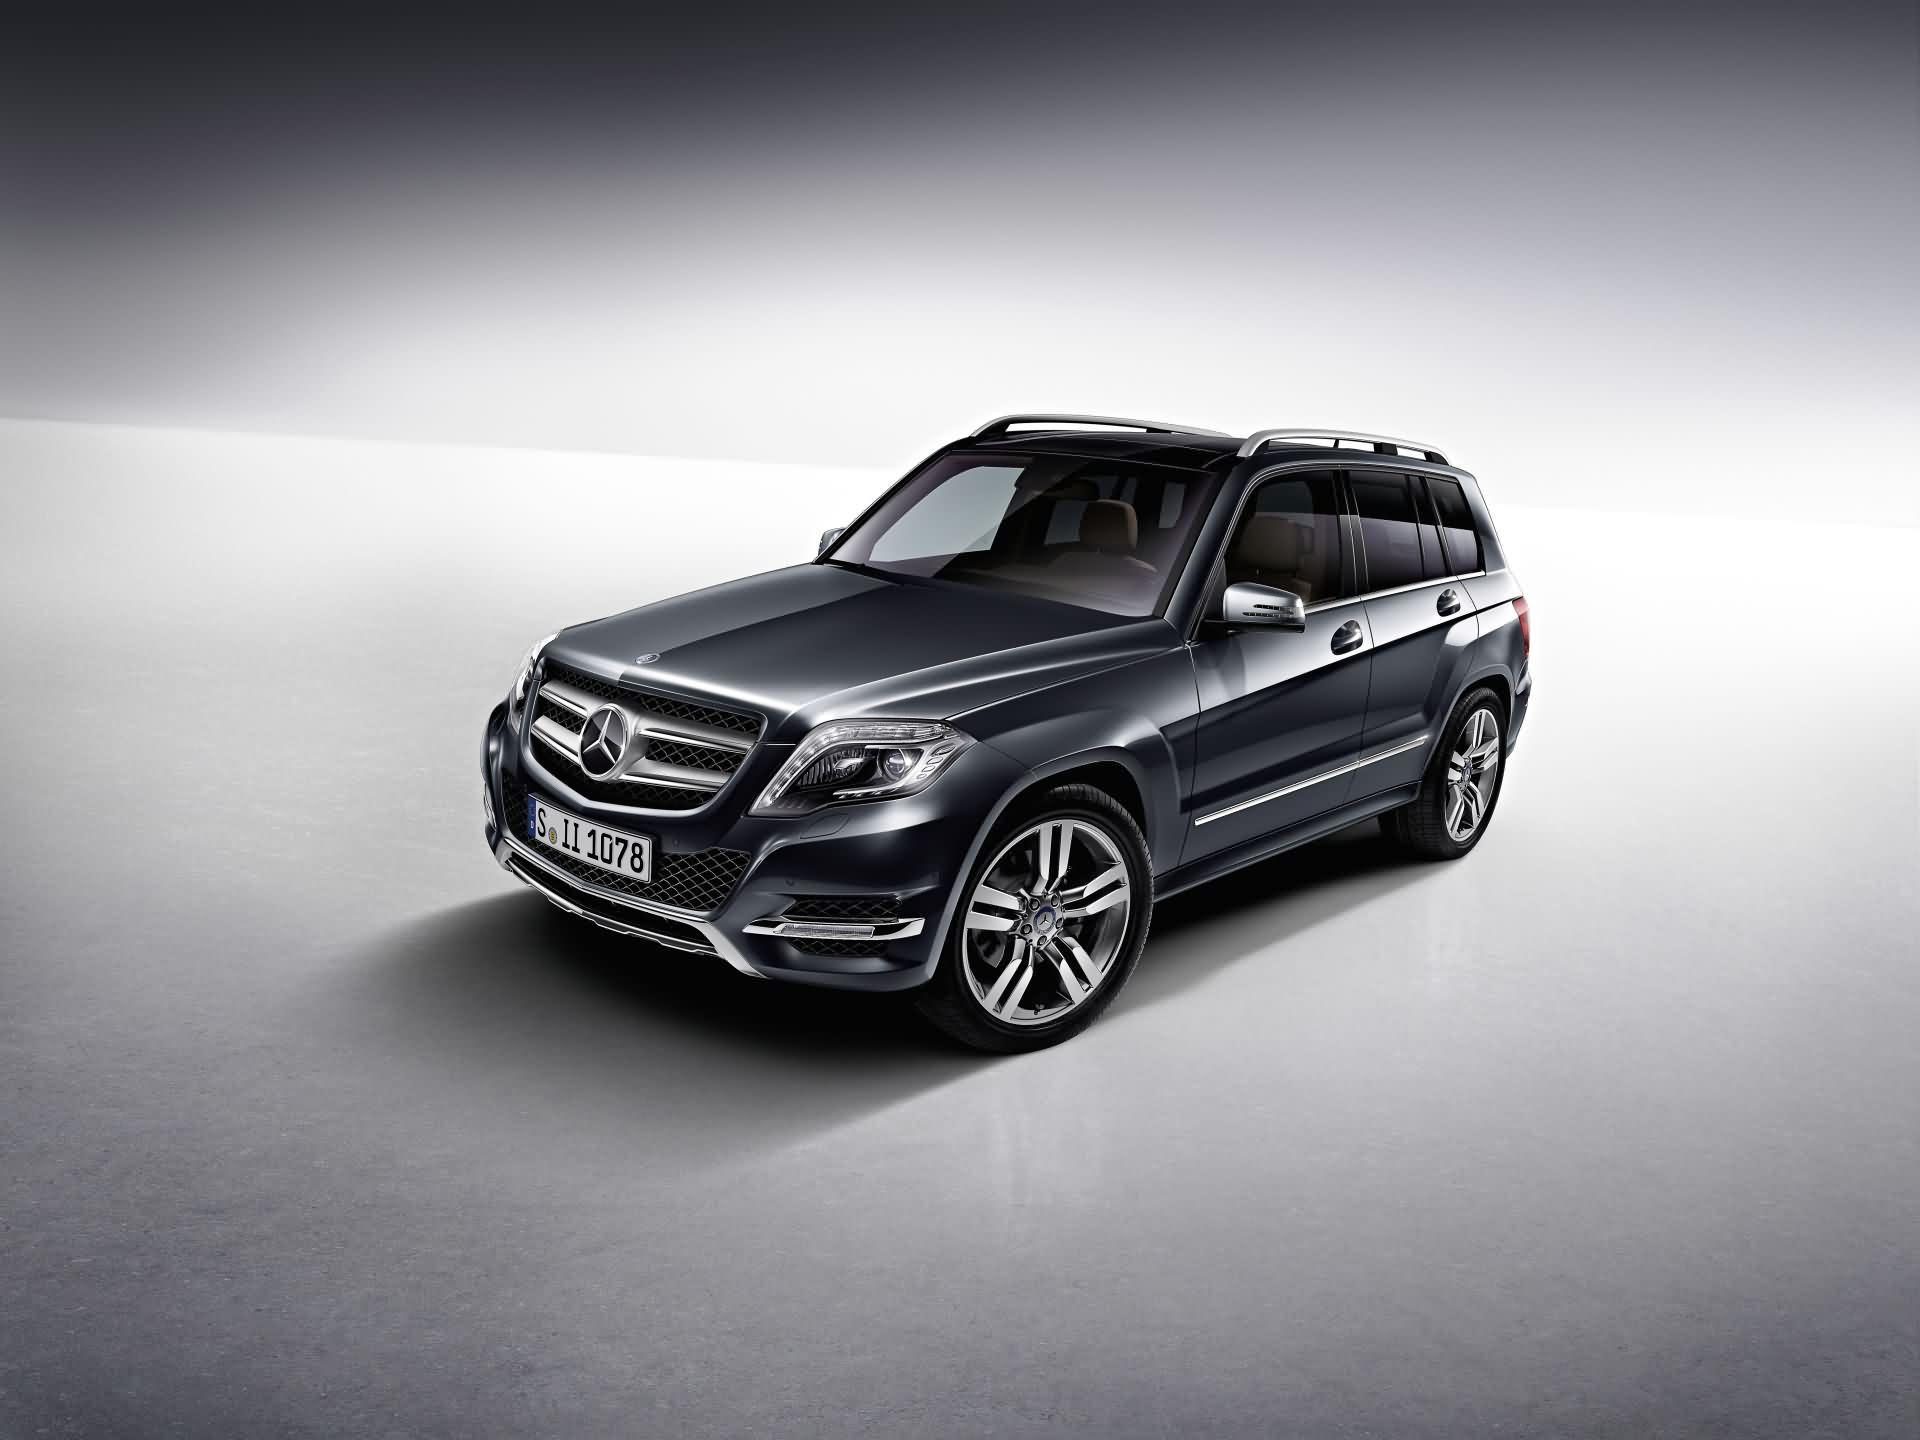 Mercedes-Benz GLK 350 4MATIC BlueEFFICIENCY - Modell 2012